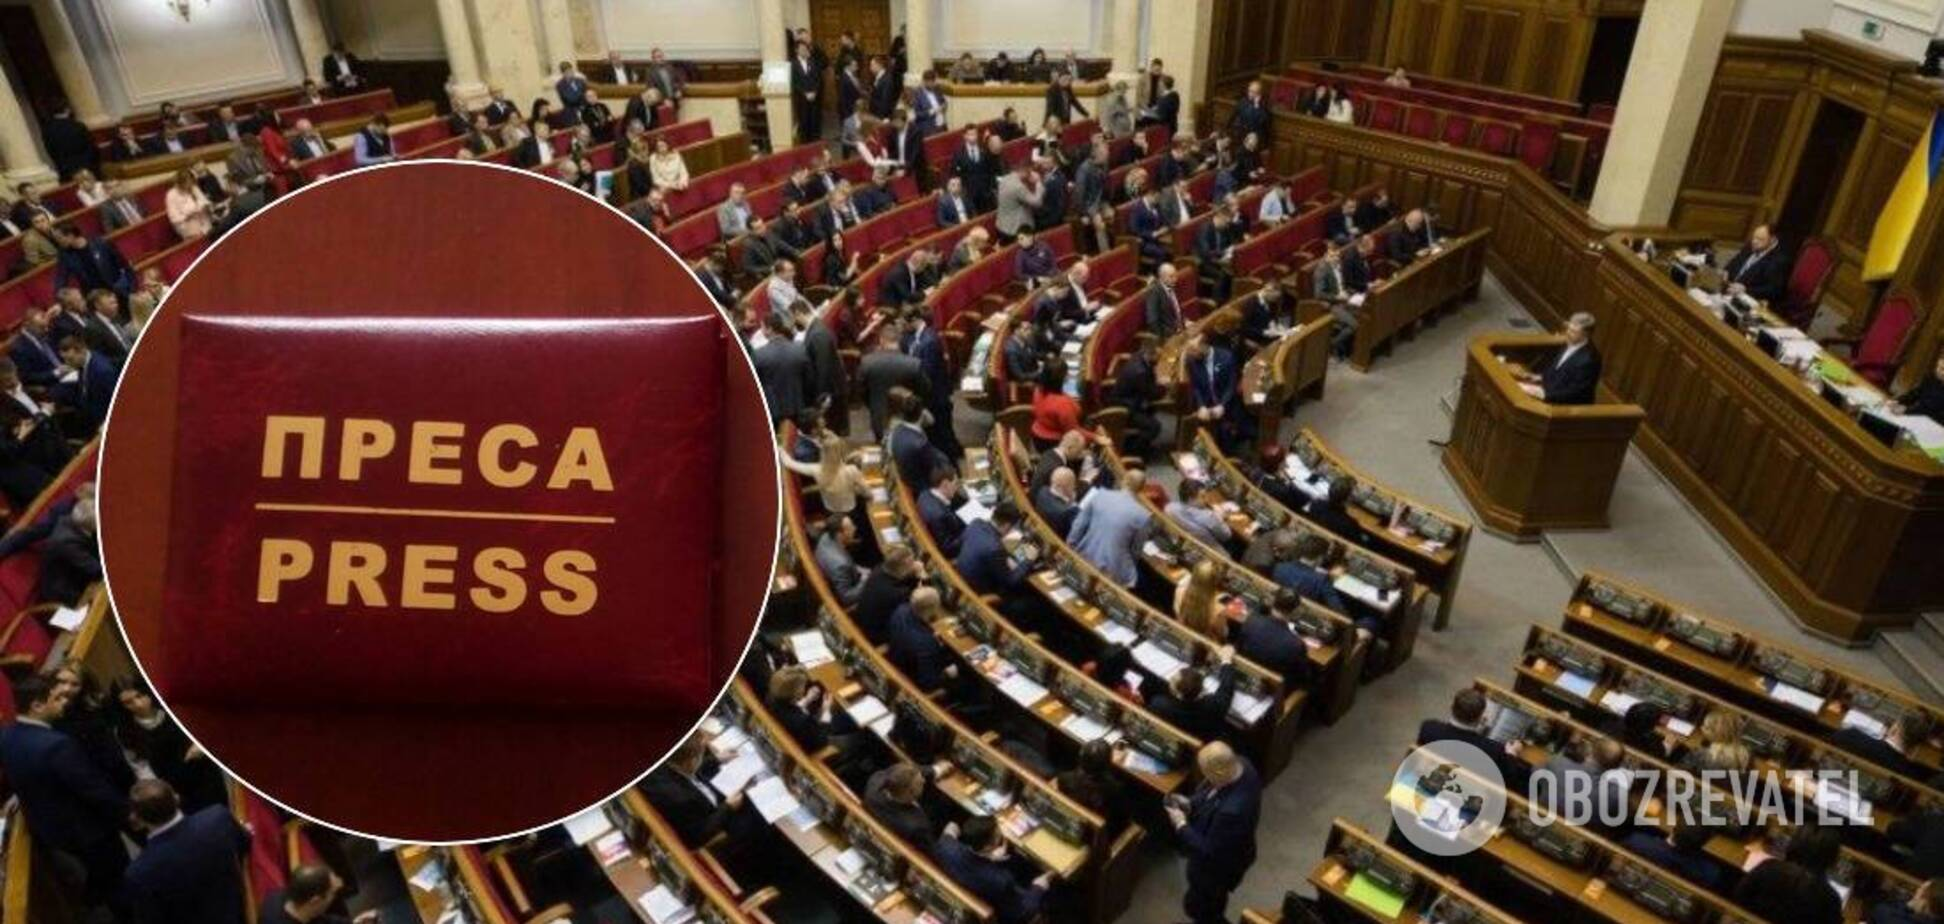 Журналисты обратились к Раде из-за законопроекта о медиа: СМИ грозит цензура и санкции